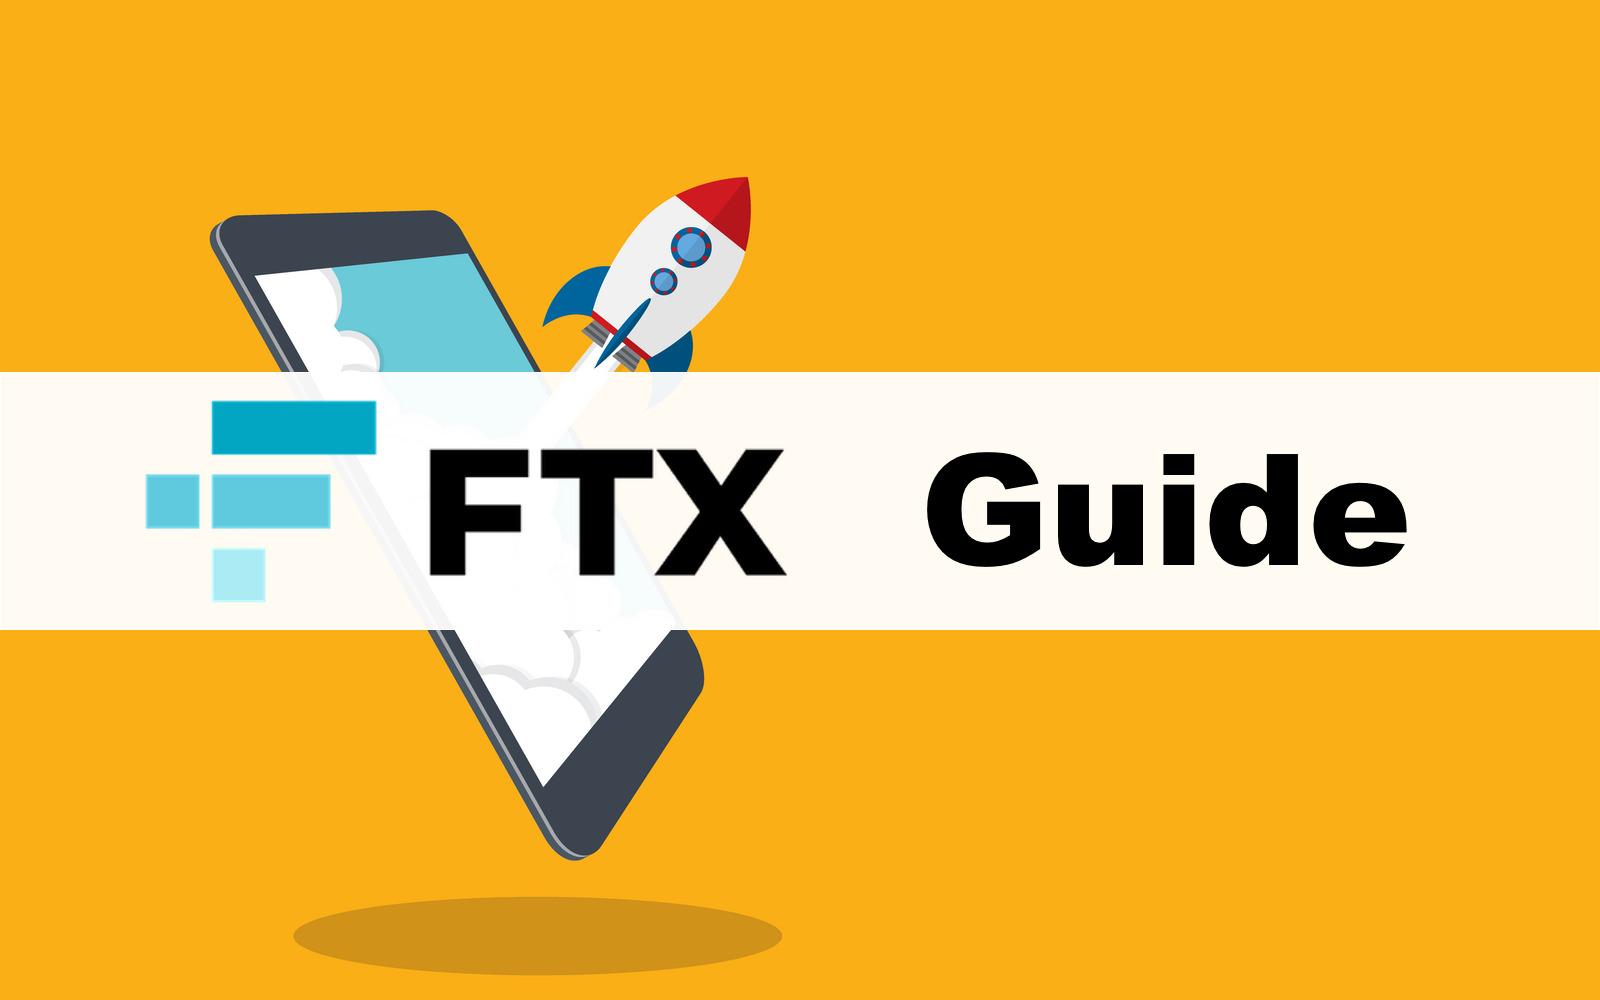 仮想通貨取引所・FTXのスタートガイド|特徴や登録方法、使い方を解説